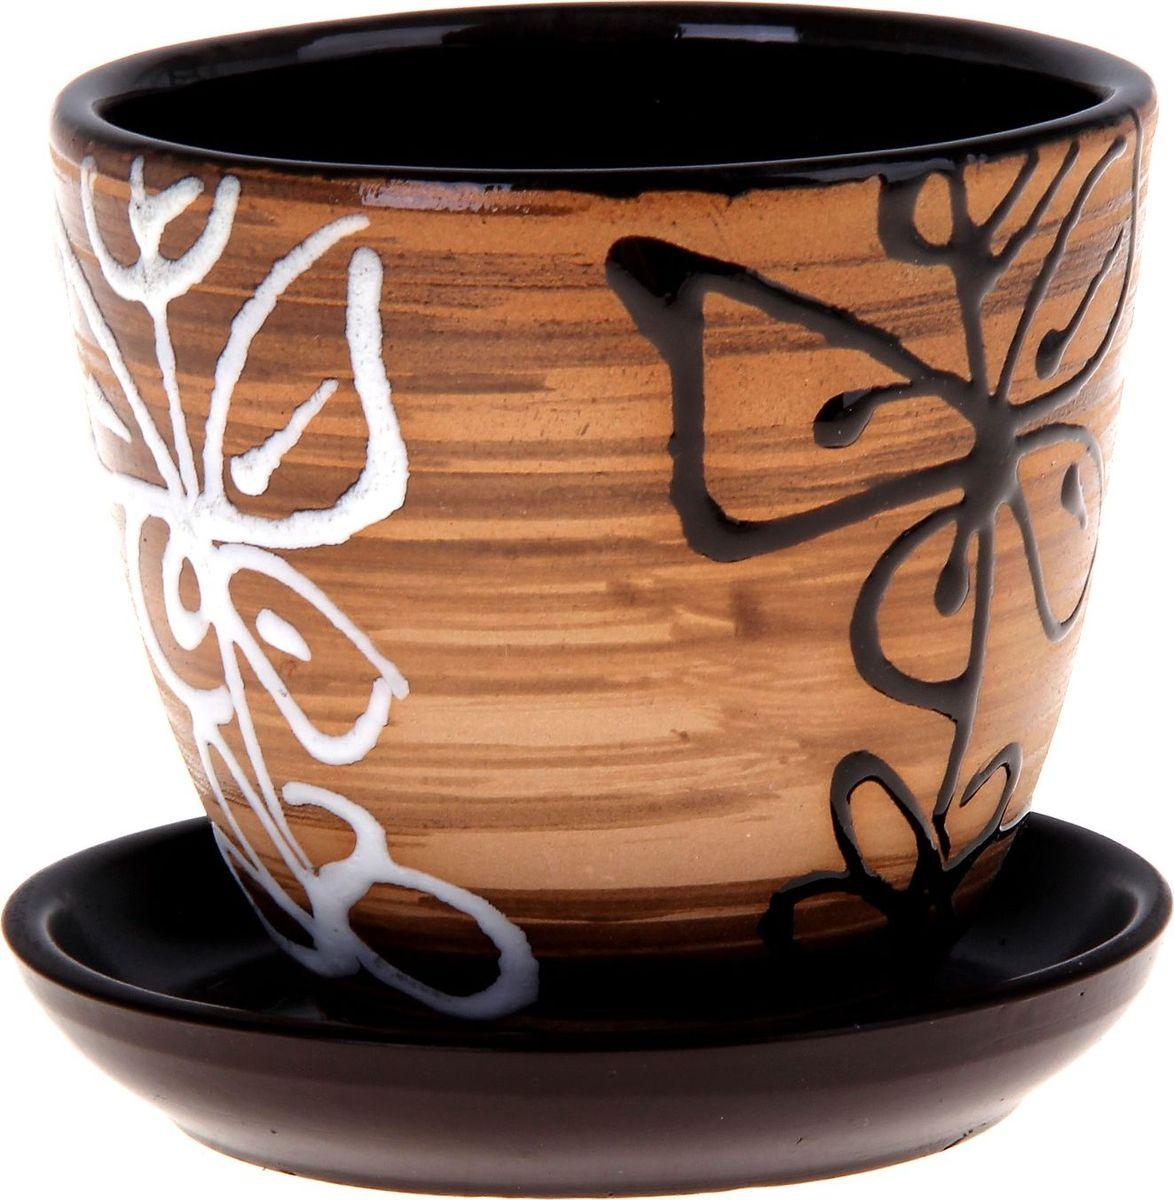 Кашпо Витраж, 0,4 л332463Декоративное кашпо, выполненное из высококачественной керамики, предназначено для посадки декоративных растений и станет прекрасным украшением для дома. Благодаря своему дизайну впишется в любой интерьер помещения.